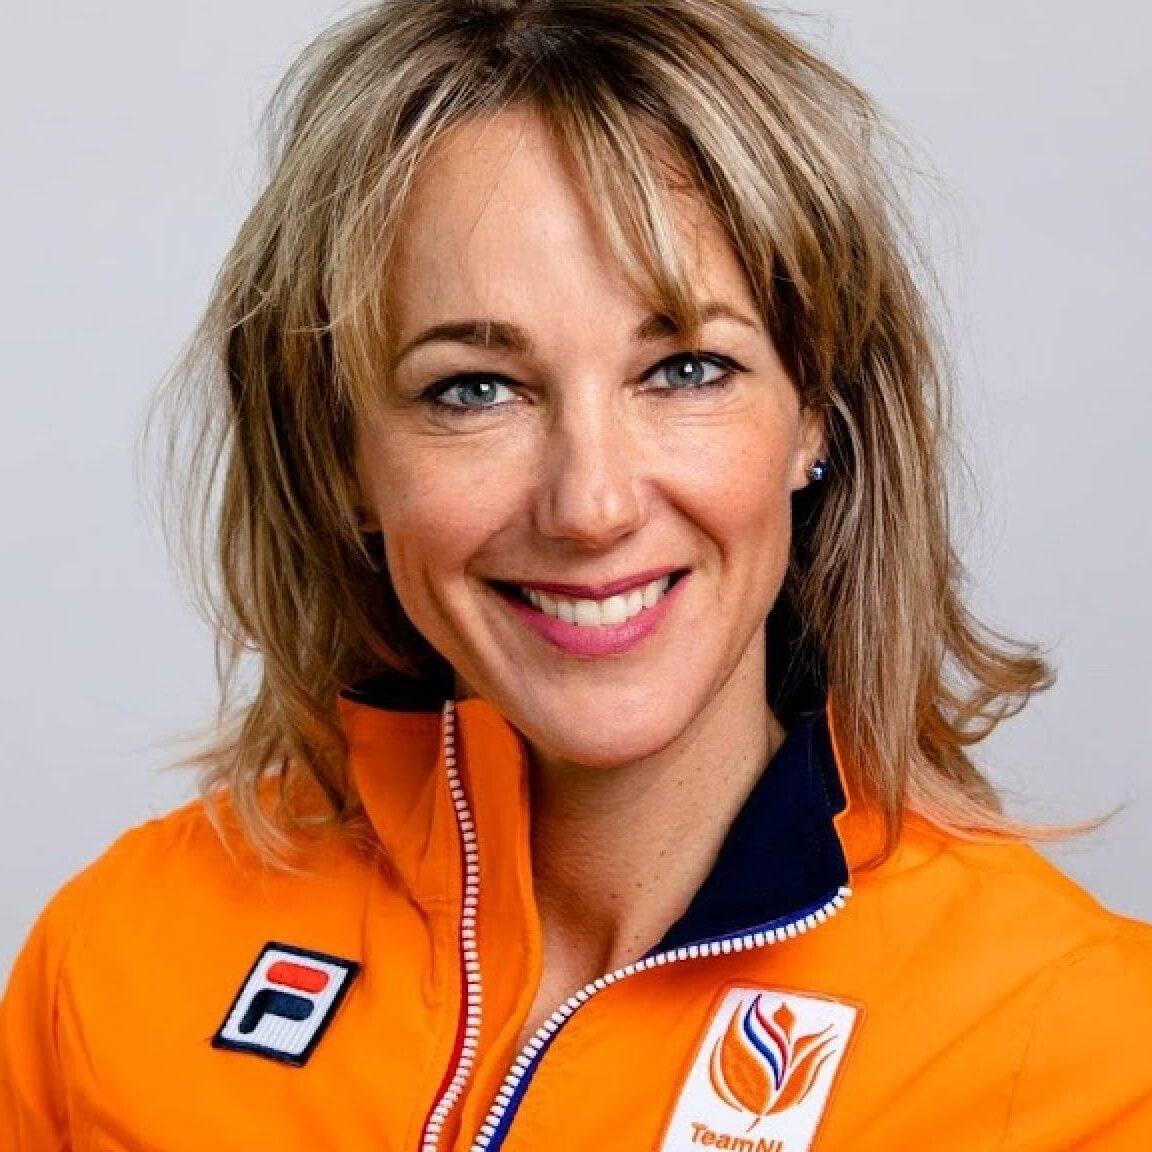 Marianne Timmer - Dutch Sport Tech Fund